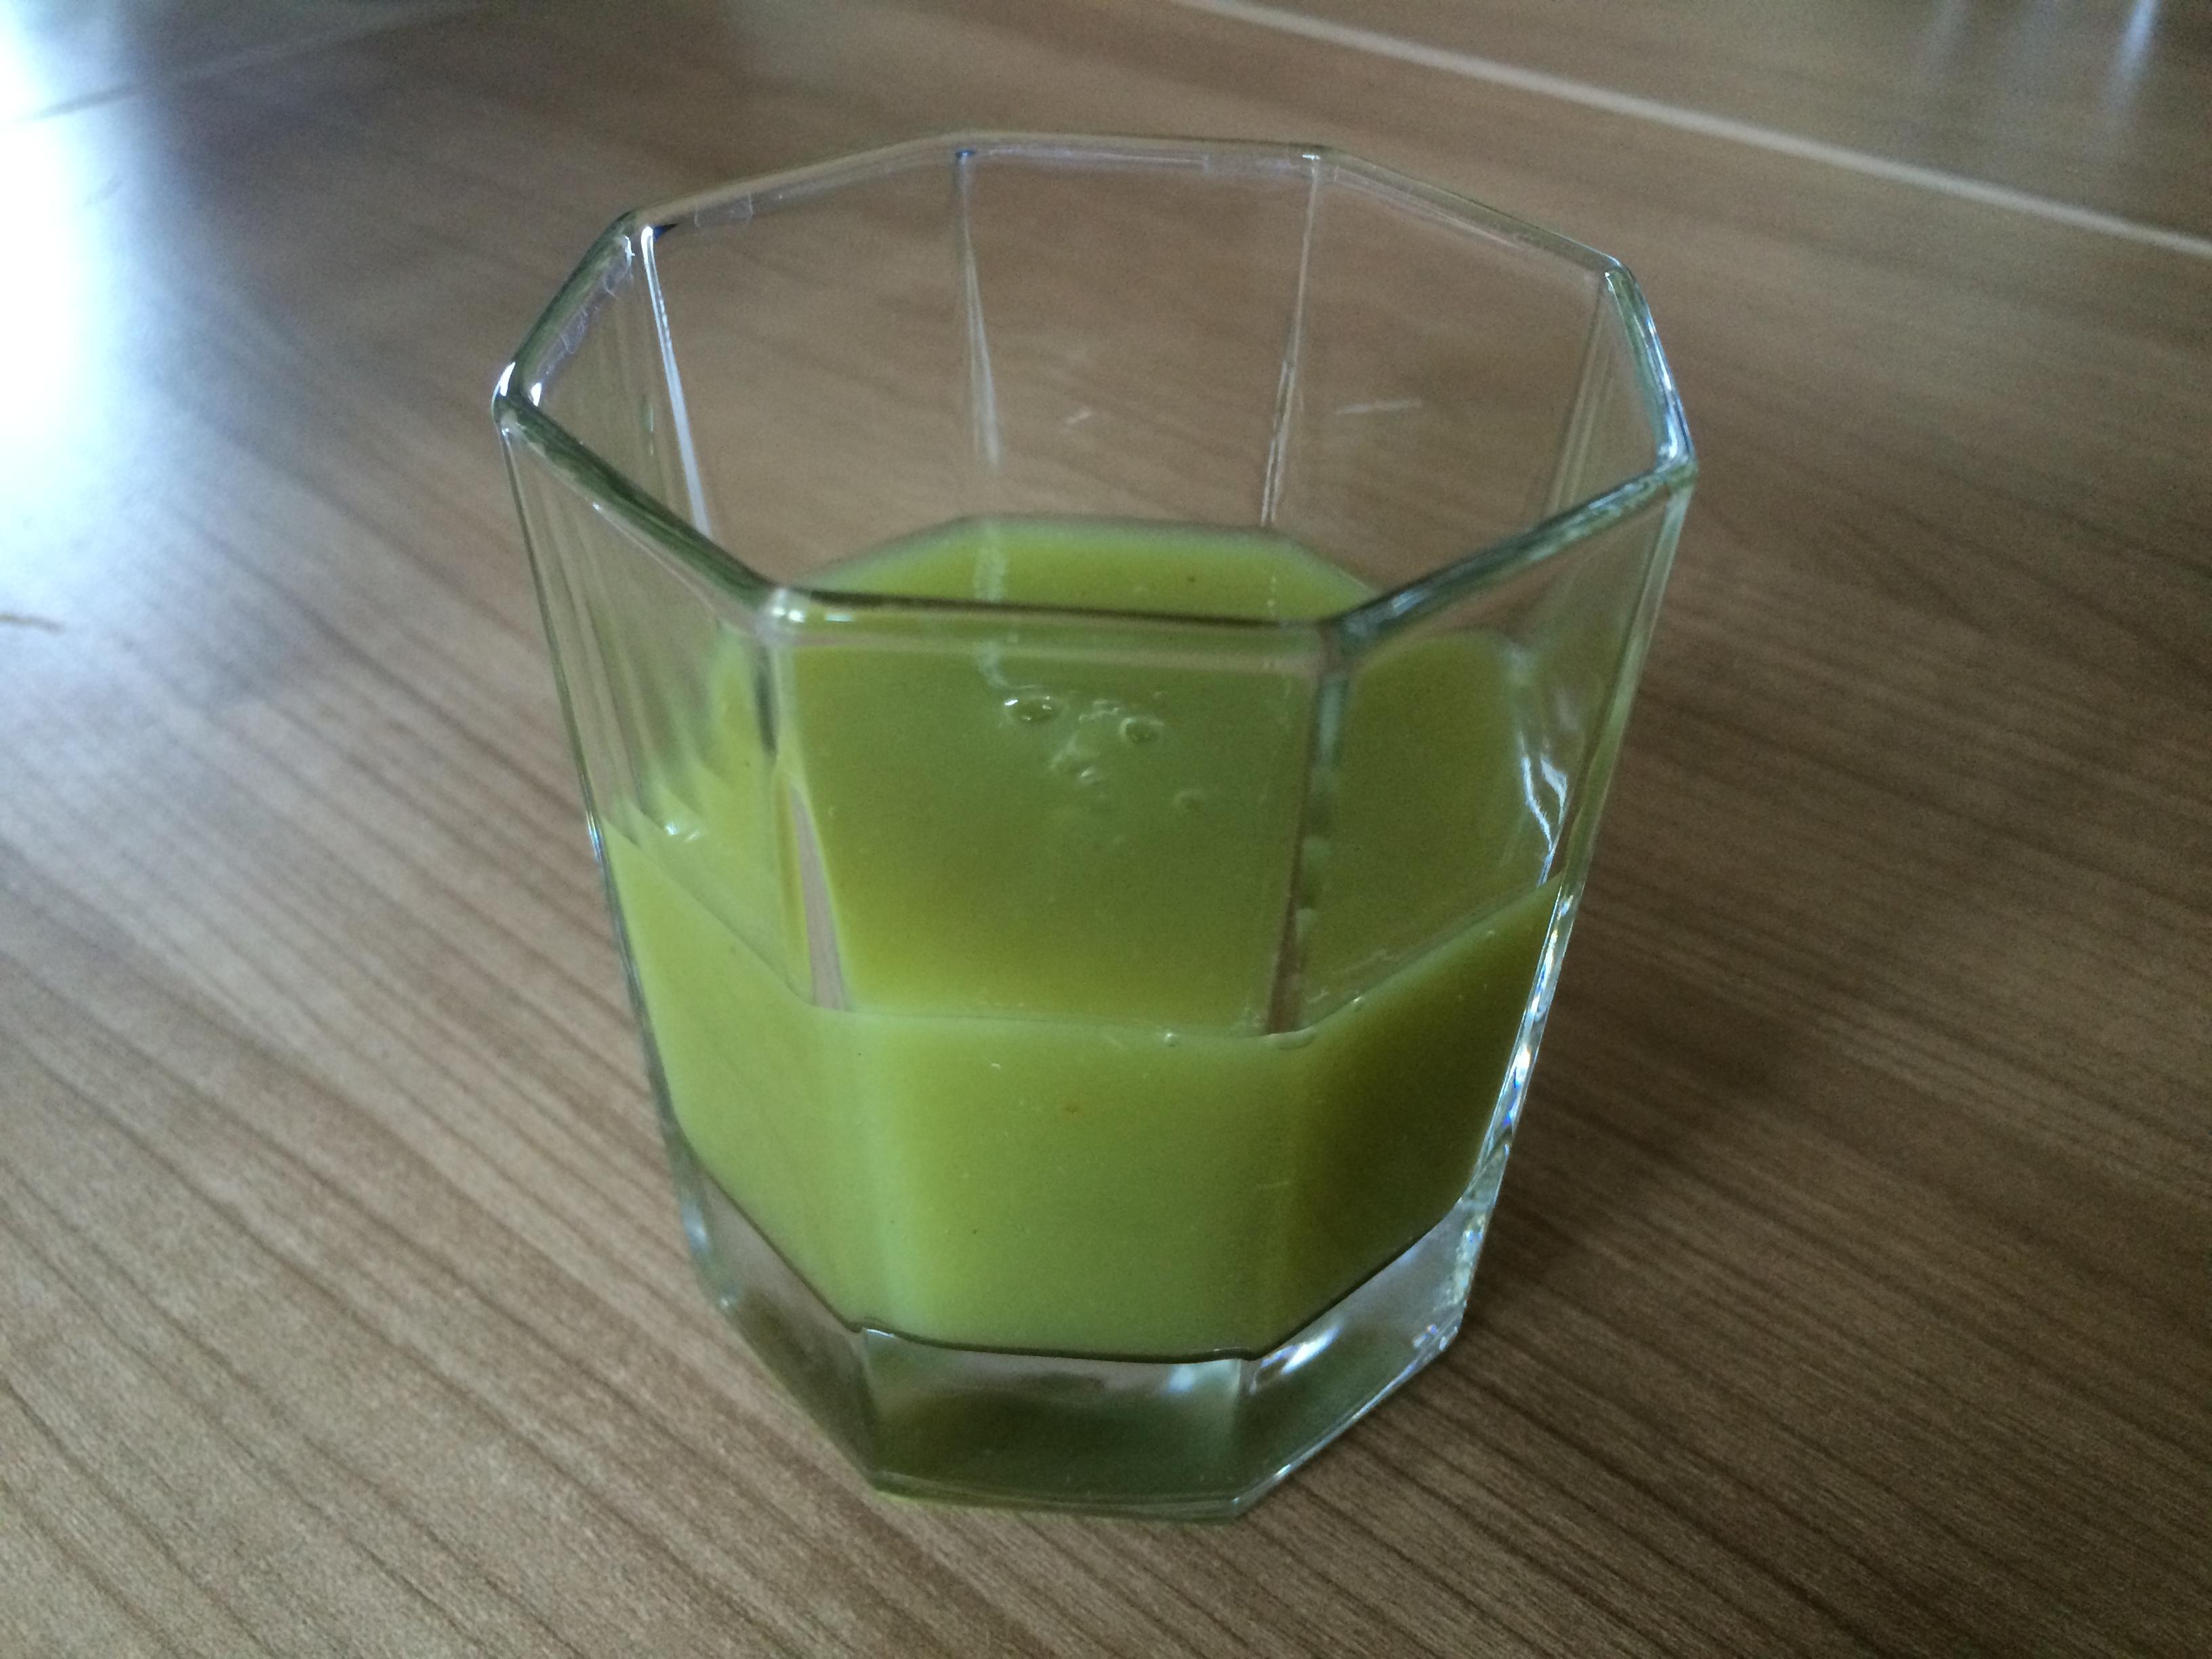 Innocent - Kiwi, Apfel und Limette im Glas Probenqueen